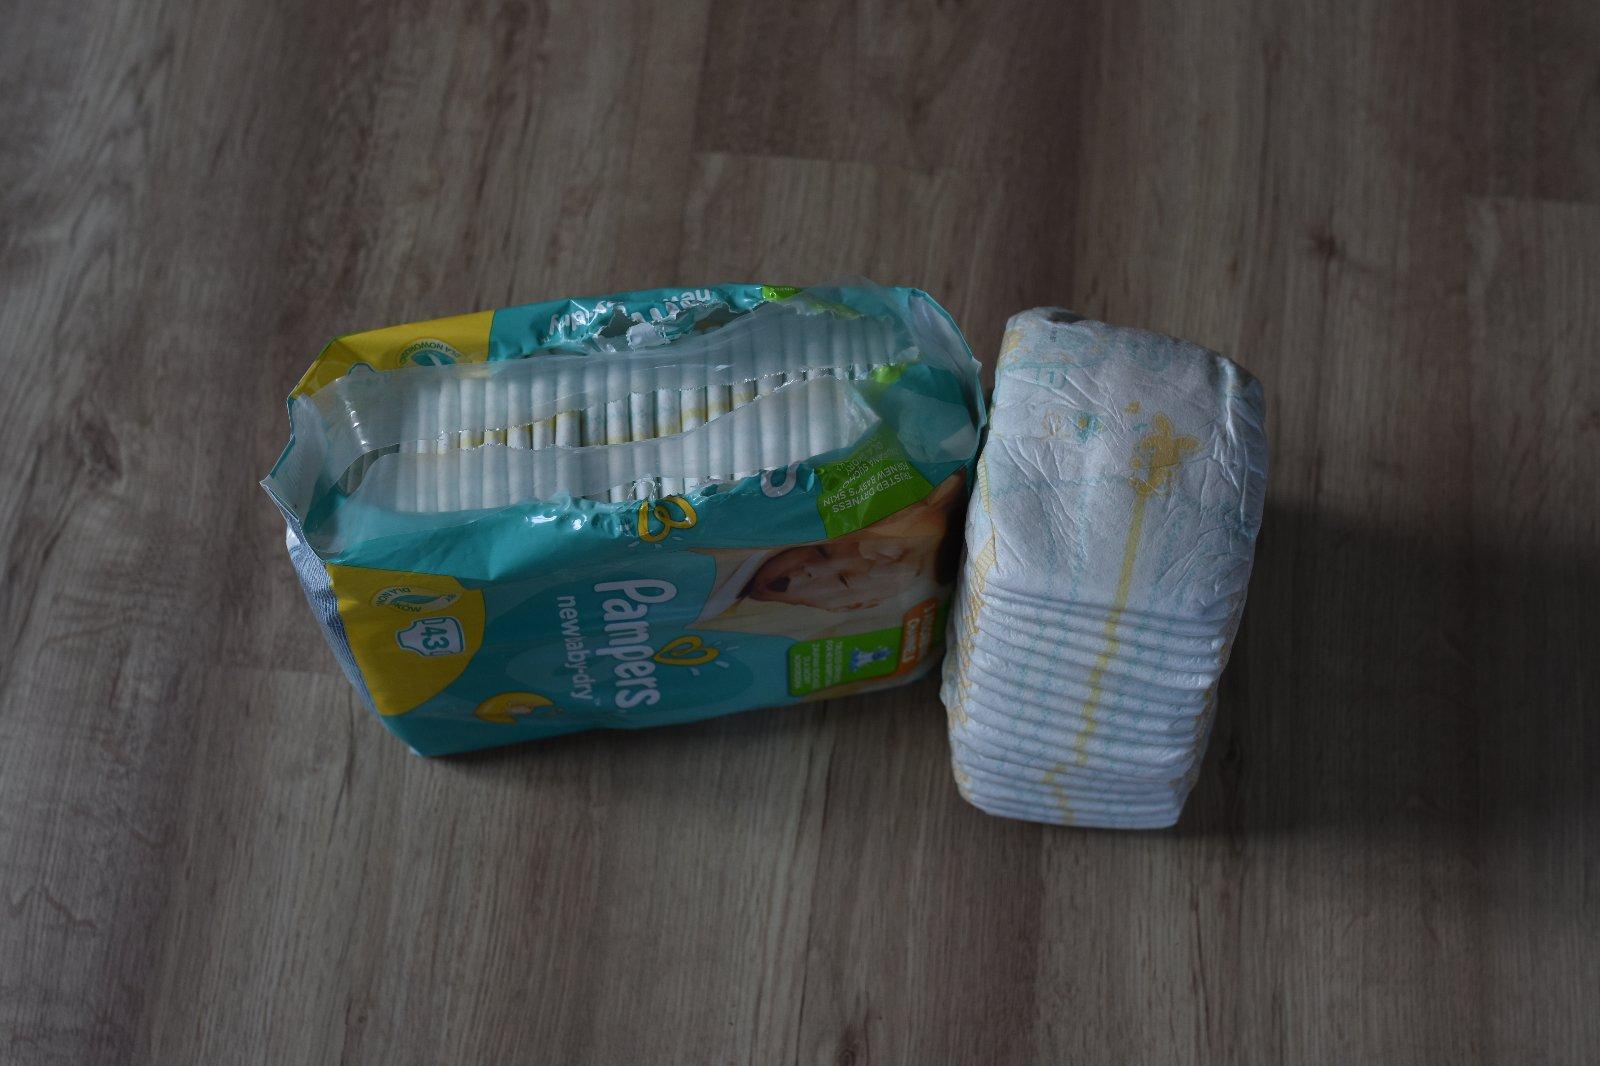 322fb14b1 Plenky, pampers,2 kg - 6 kg - 190 Kč Od prodejkyně mokriz | Dětský bazar |  ModryKonik.cz